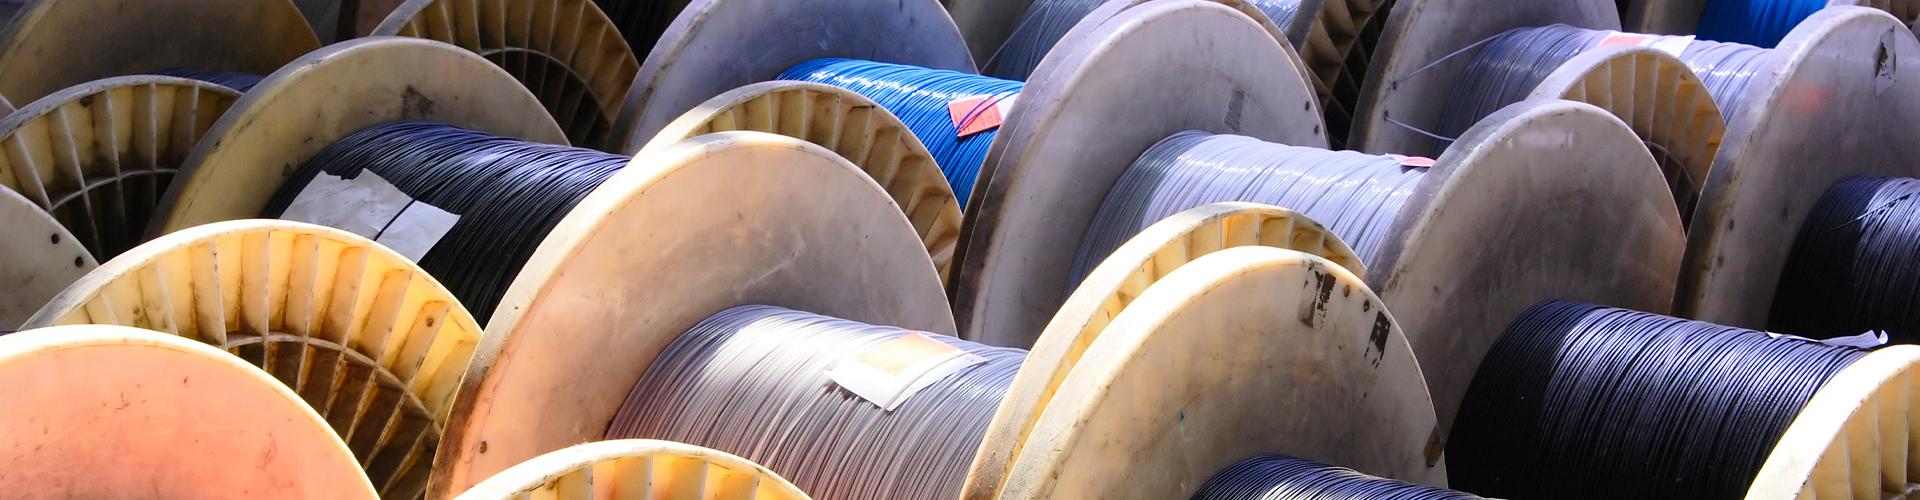 Bulk Cable/Connectors